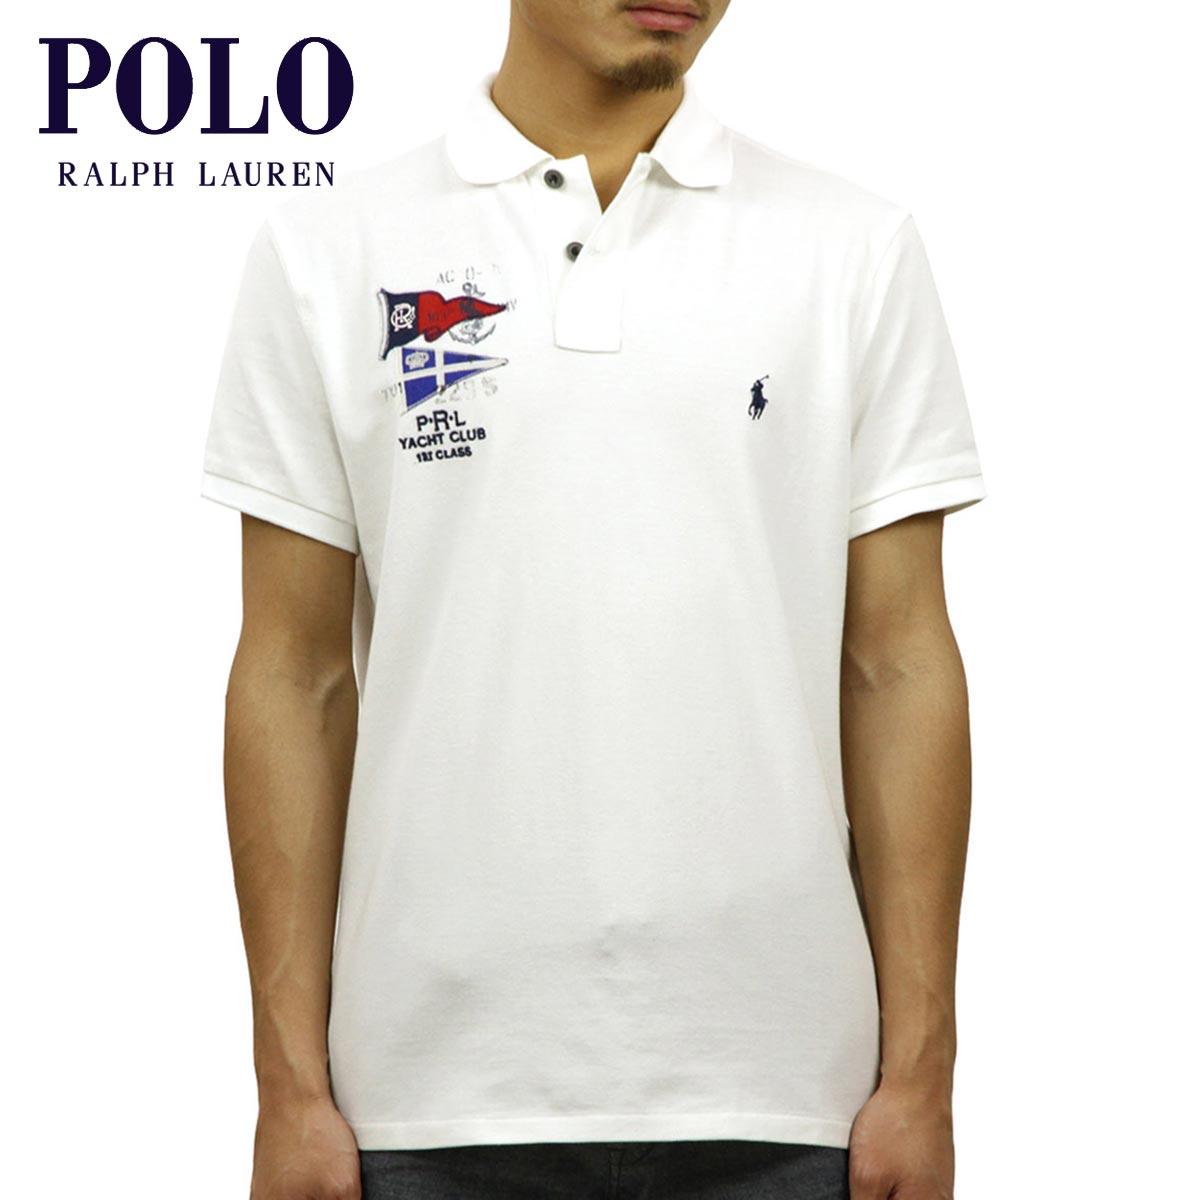 ポロ ラルフローレン POLO RALPH LAUREN 正規品 メンズ カスタムフィット 半袖ポロシャツ FLAG CUSTOM FIT COTTON MESH POLO